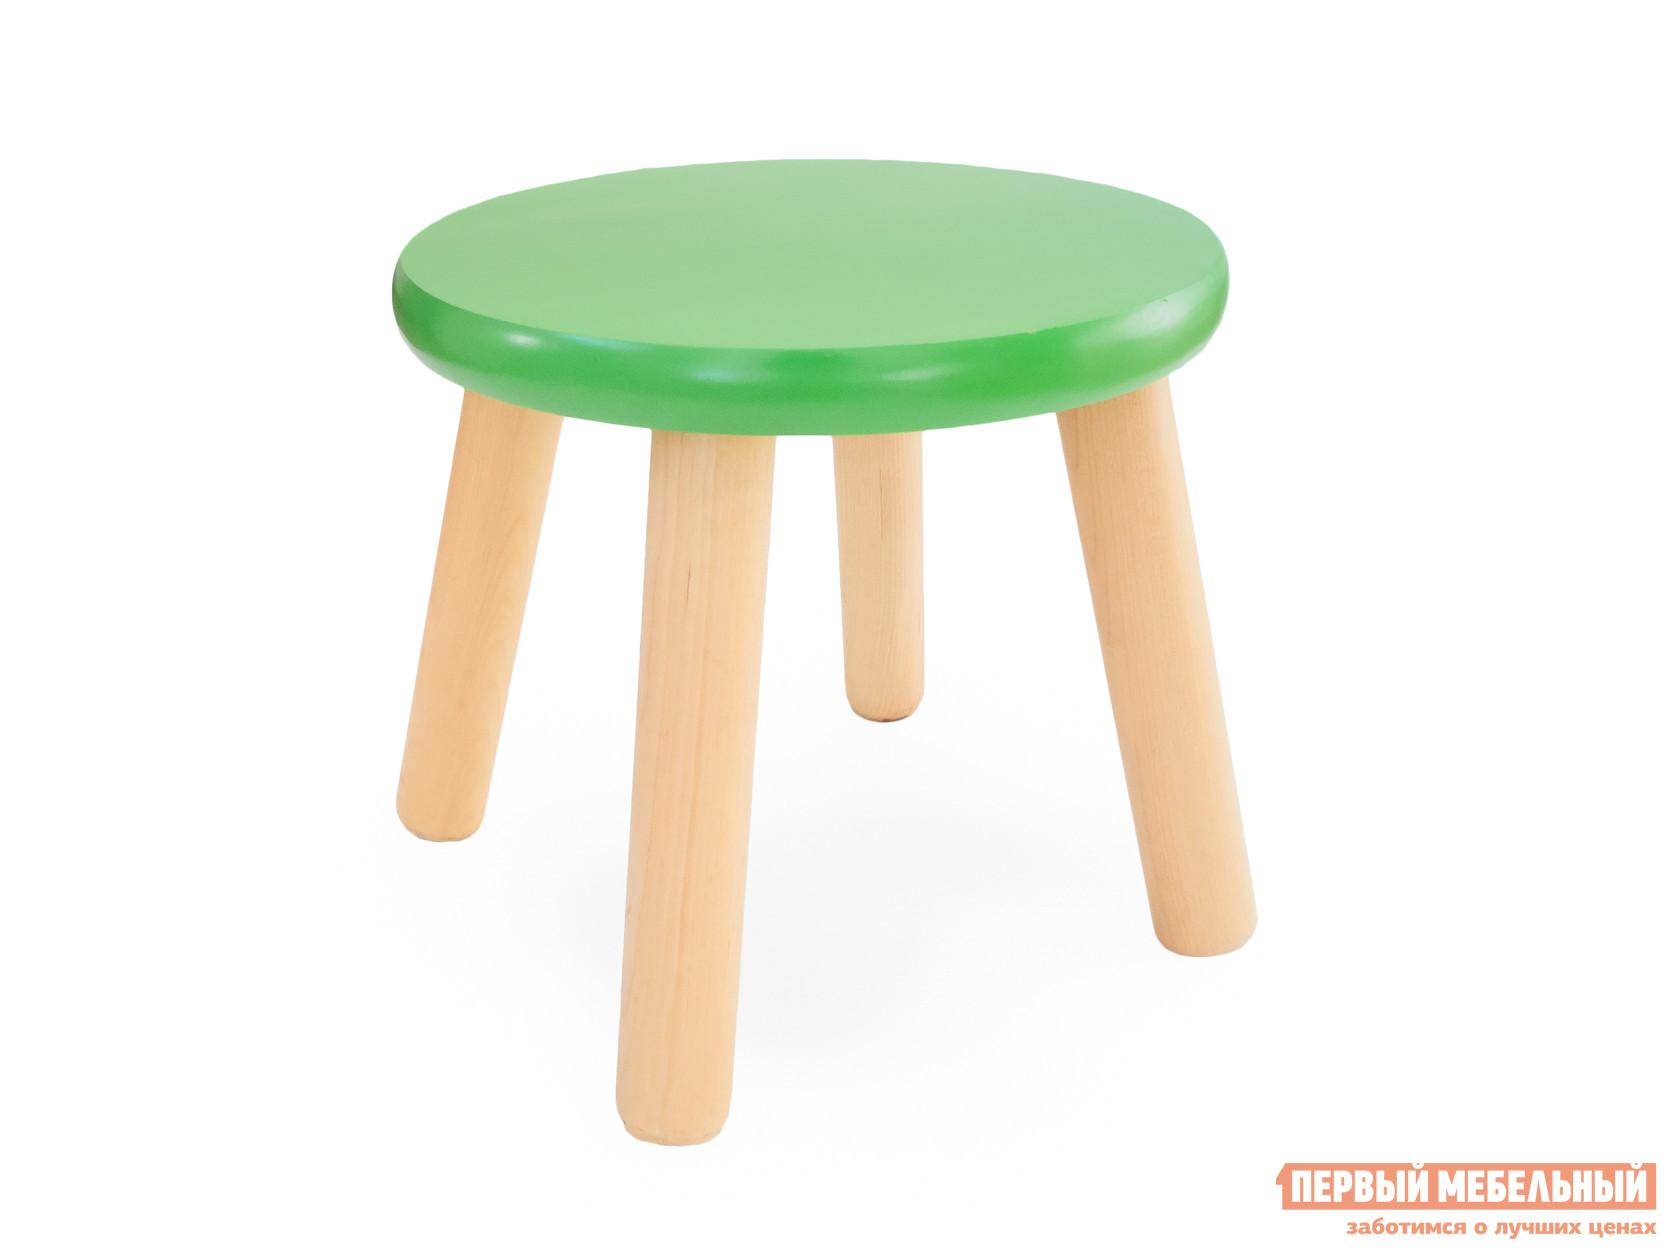 Столик и стульчик Боровичи Табурет детский Ольха / Зеленый